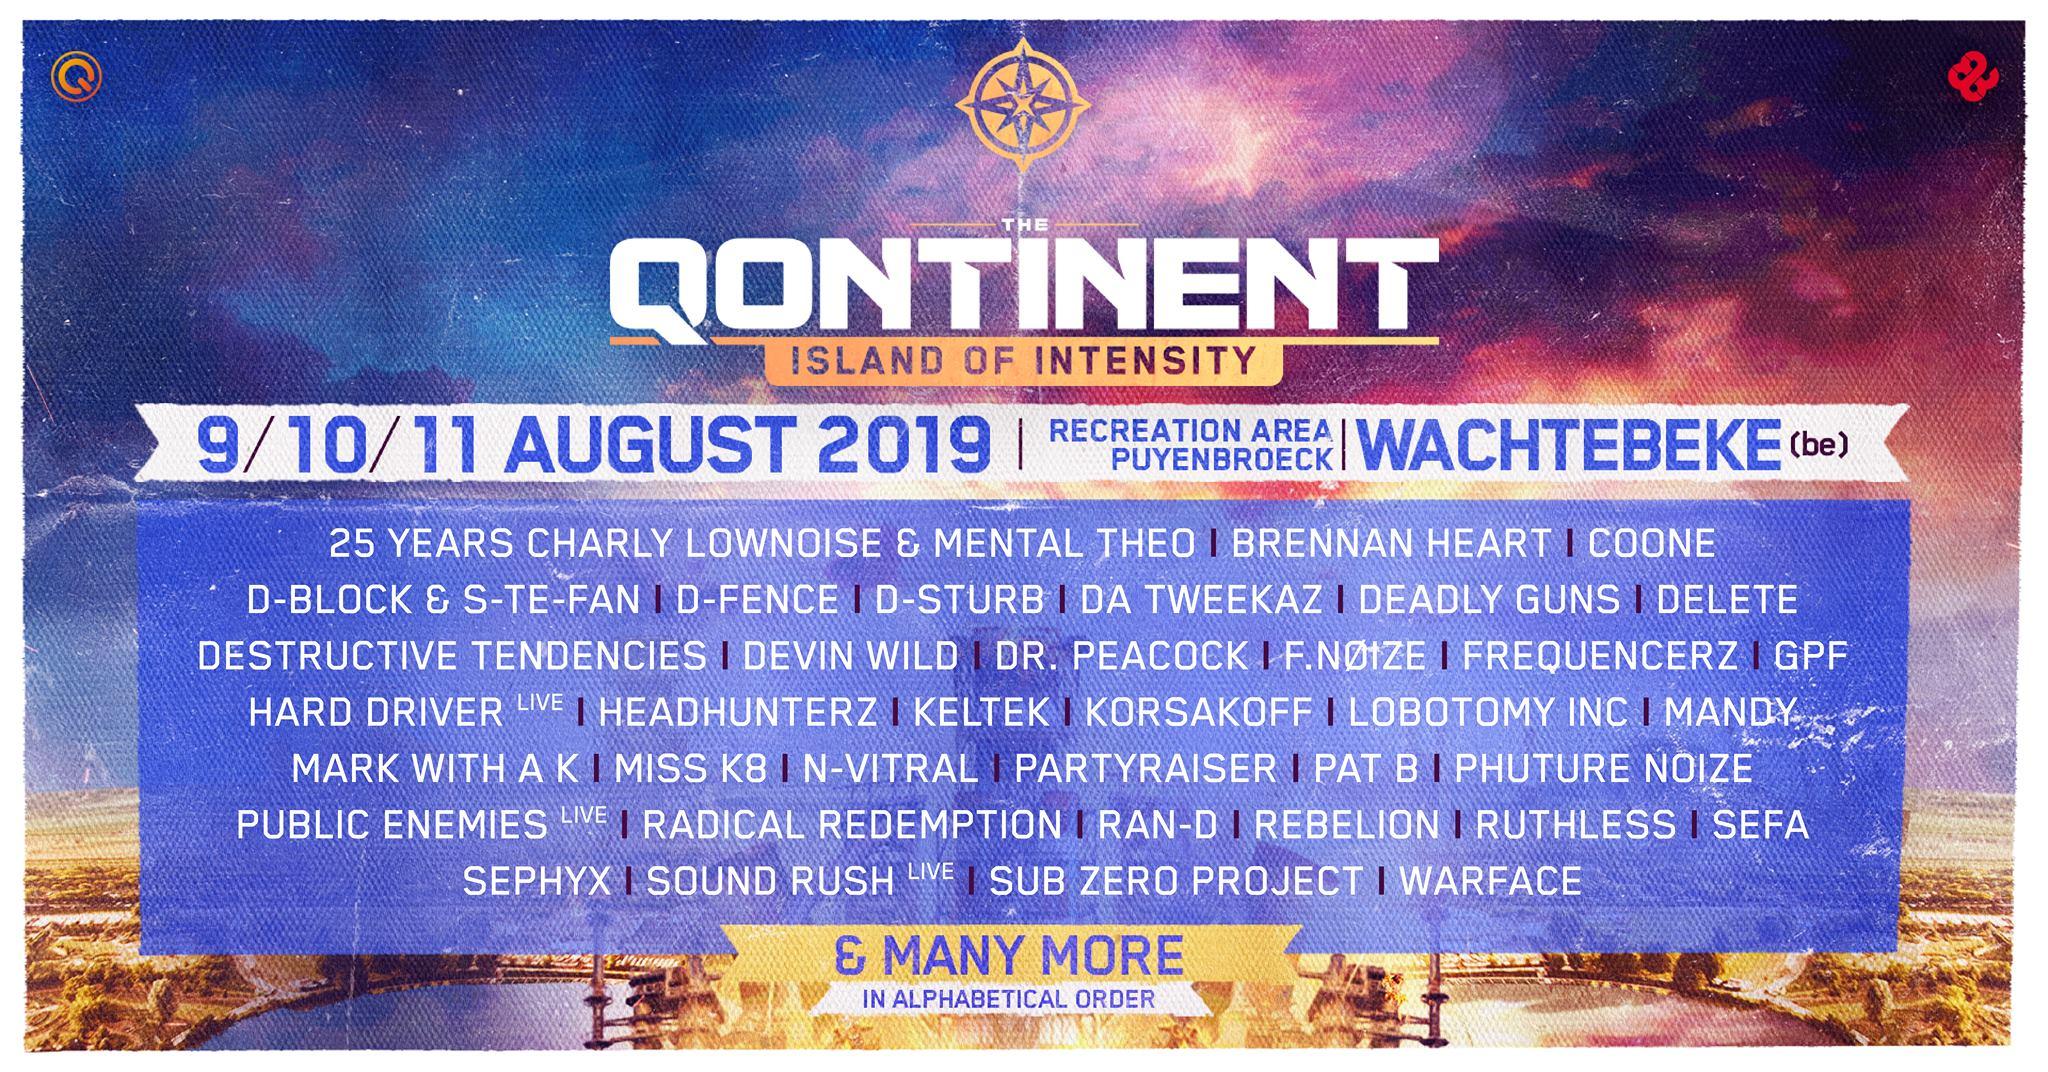 Qontinent 2019